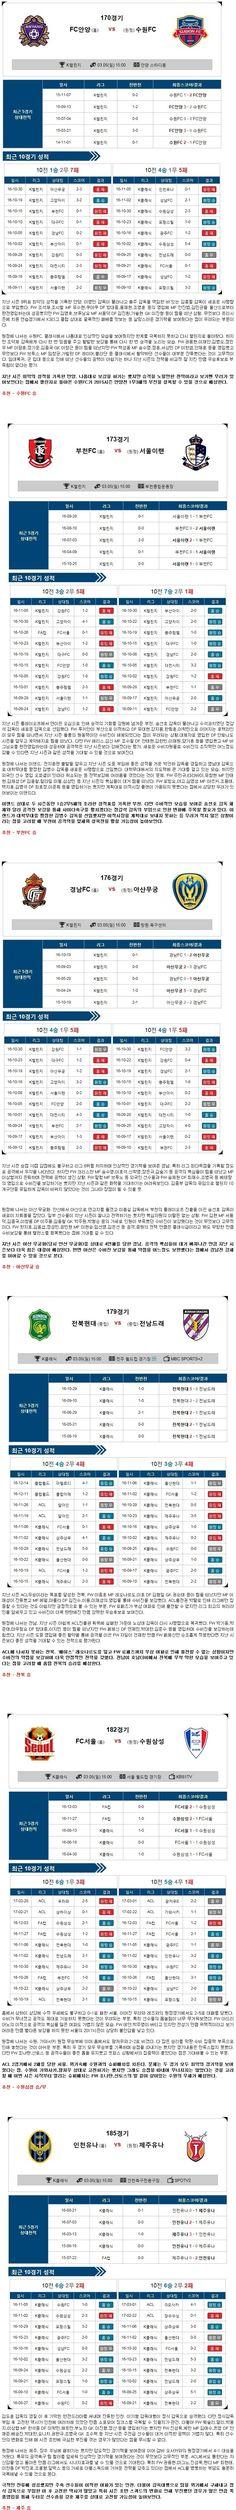 [축구]★토정비결★3월  5일 <K>리그 챌린지/클래식 종합>